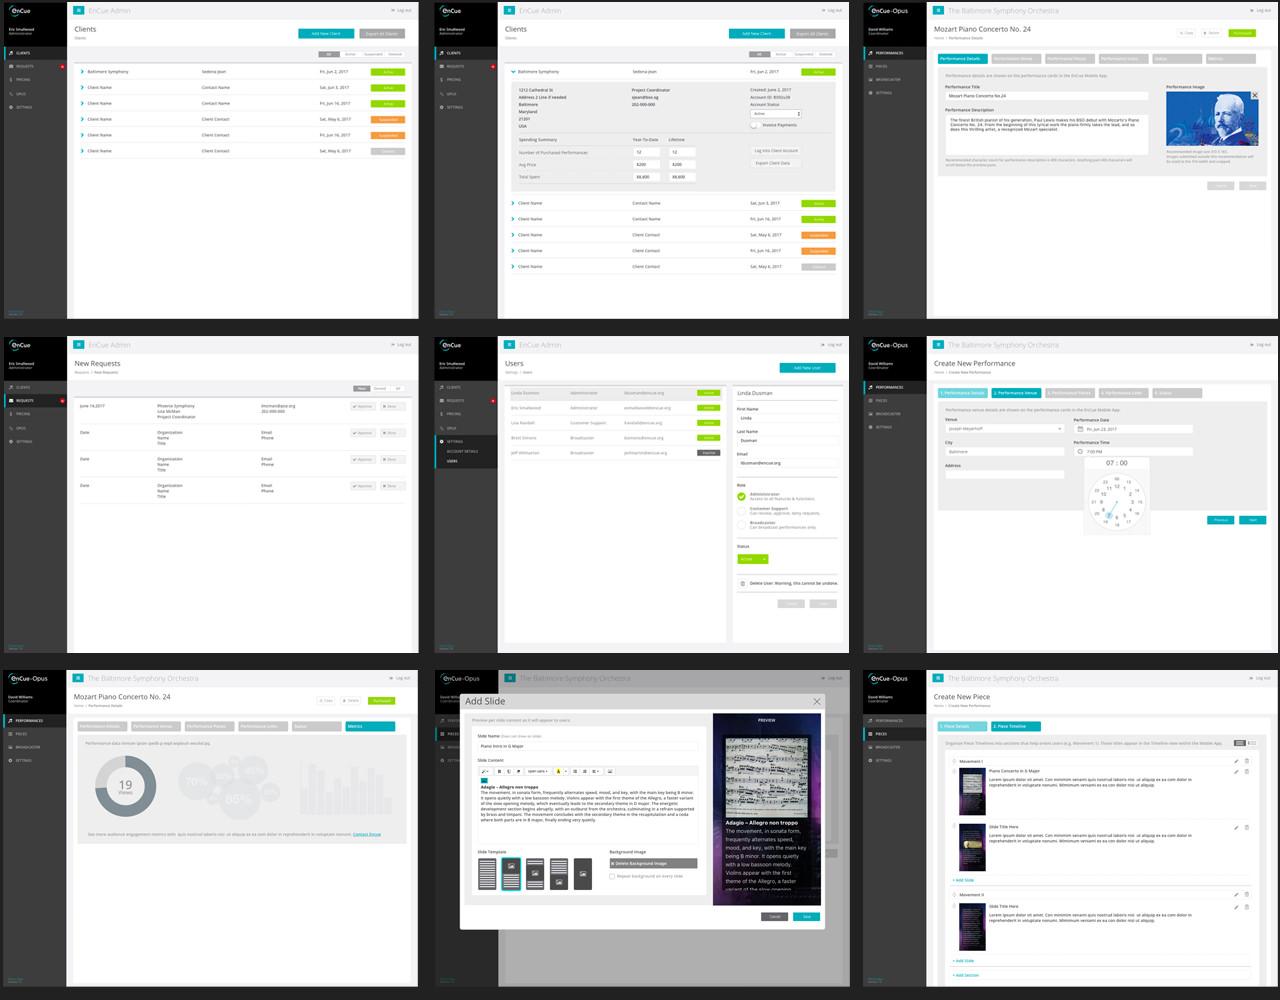 Encue-AdminScreens.jpg